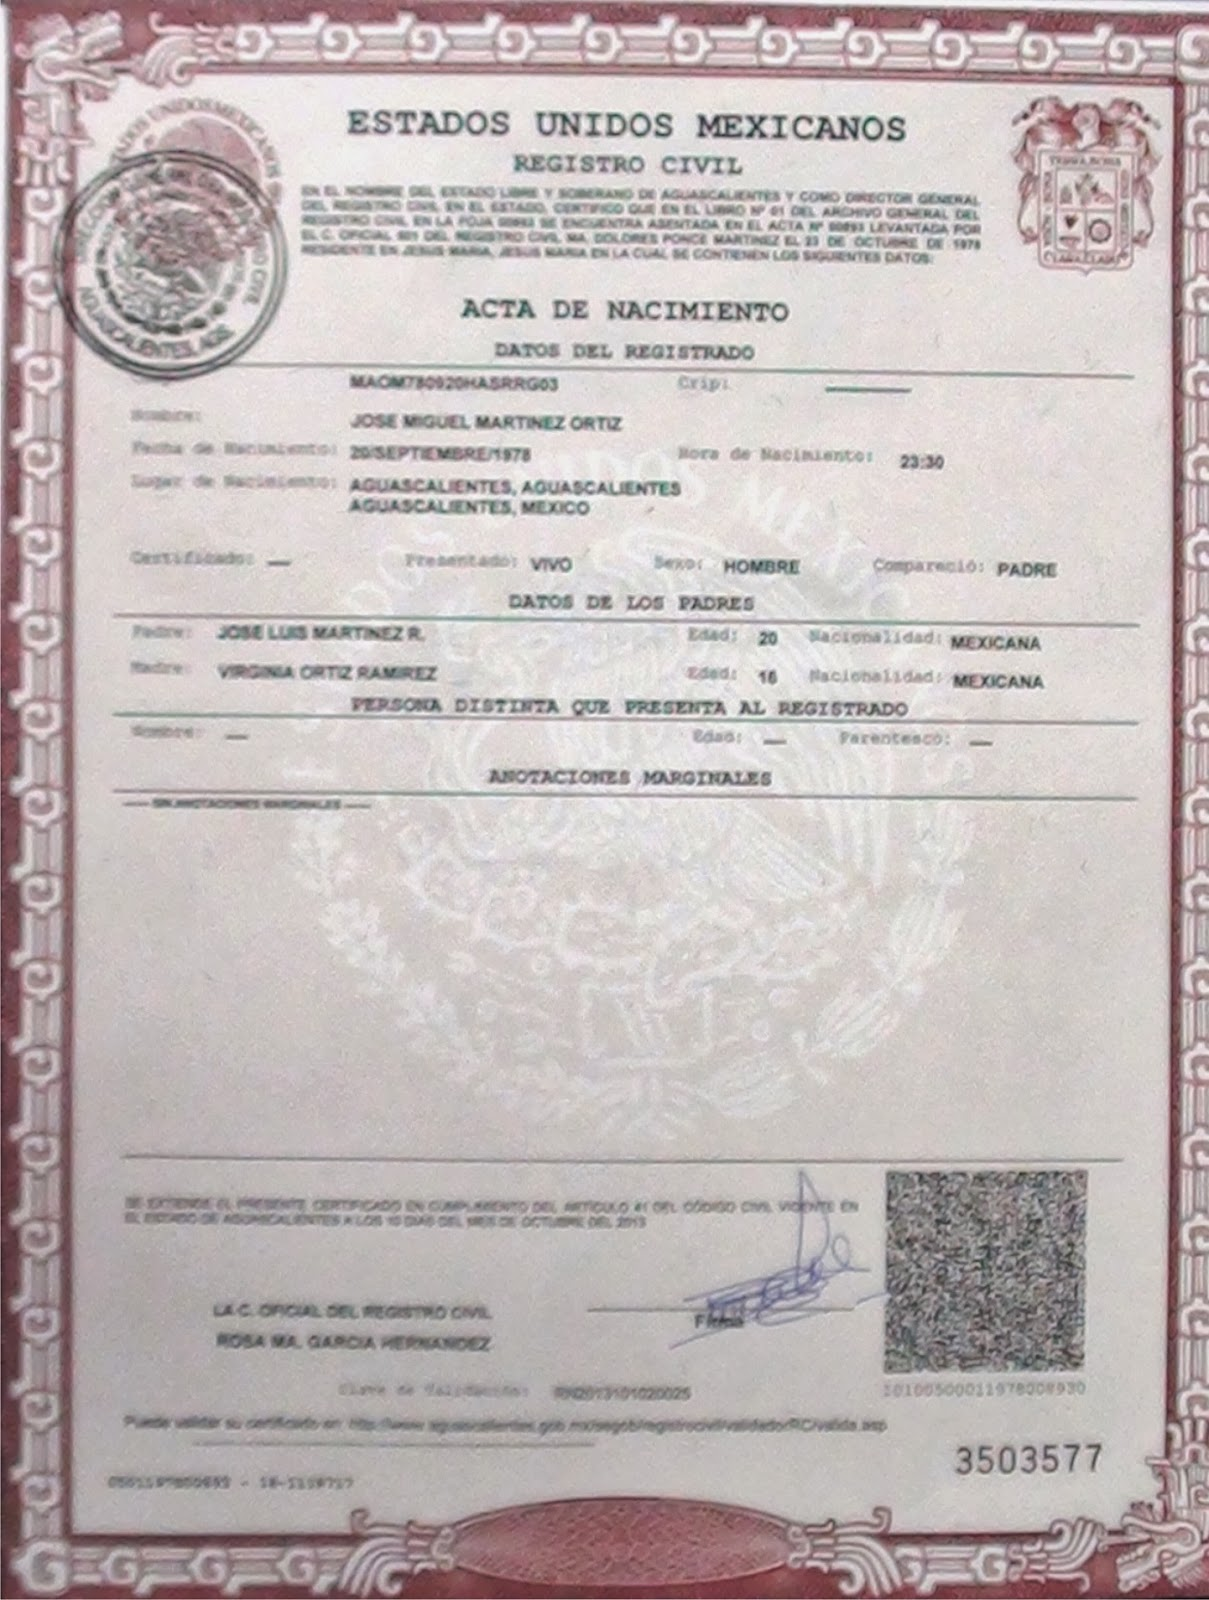 LA GRILLA: Colombianos Detenidos por Documentos Falsos en Calvillo